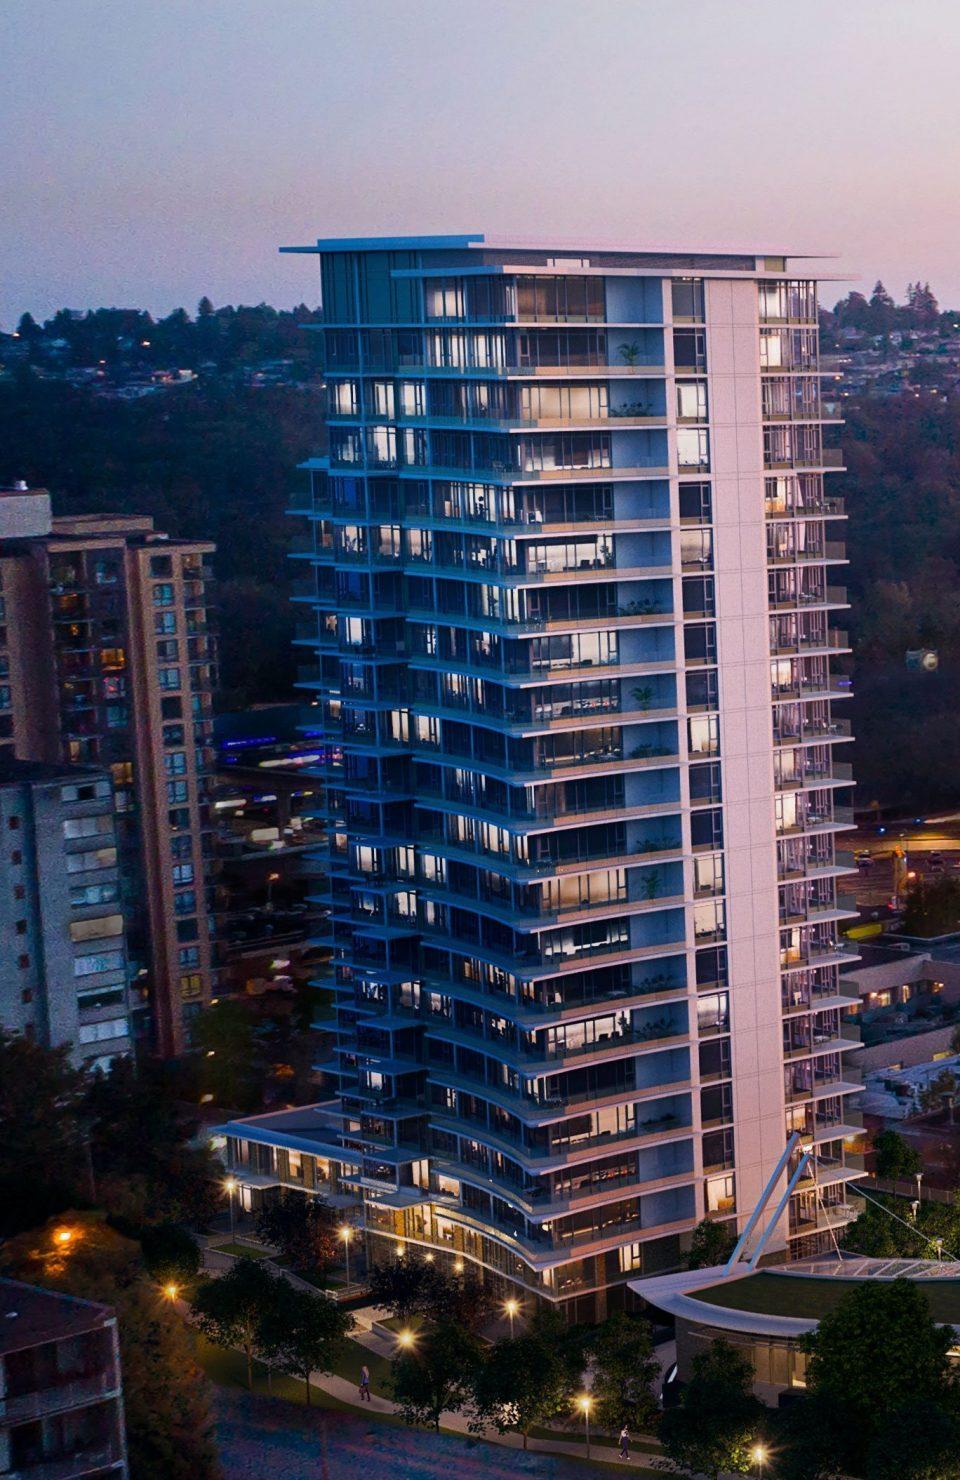 Hensley by Cressey rental tower rendering